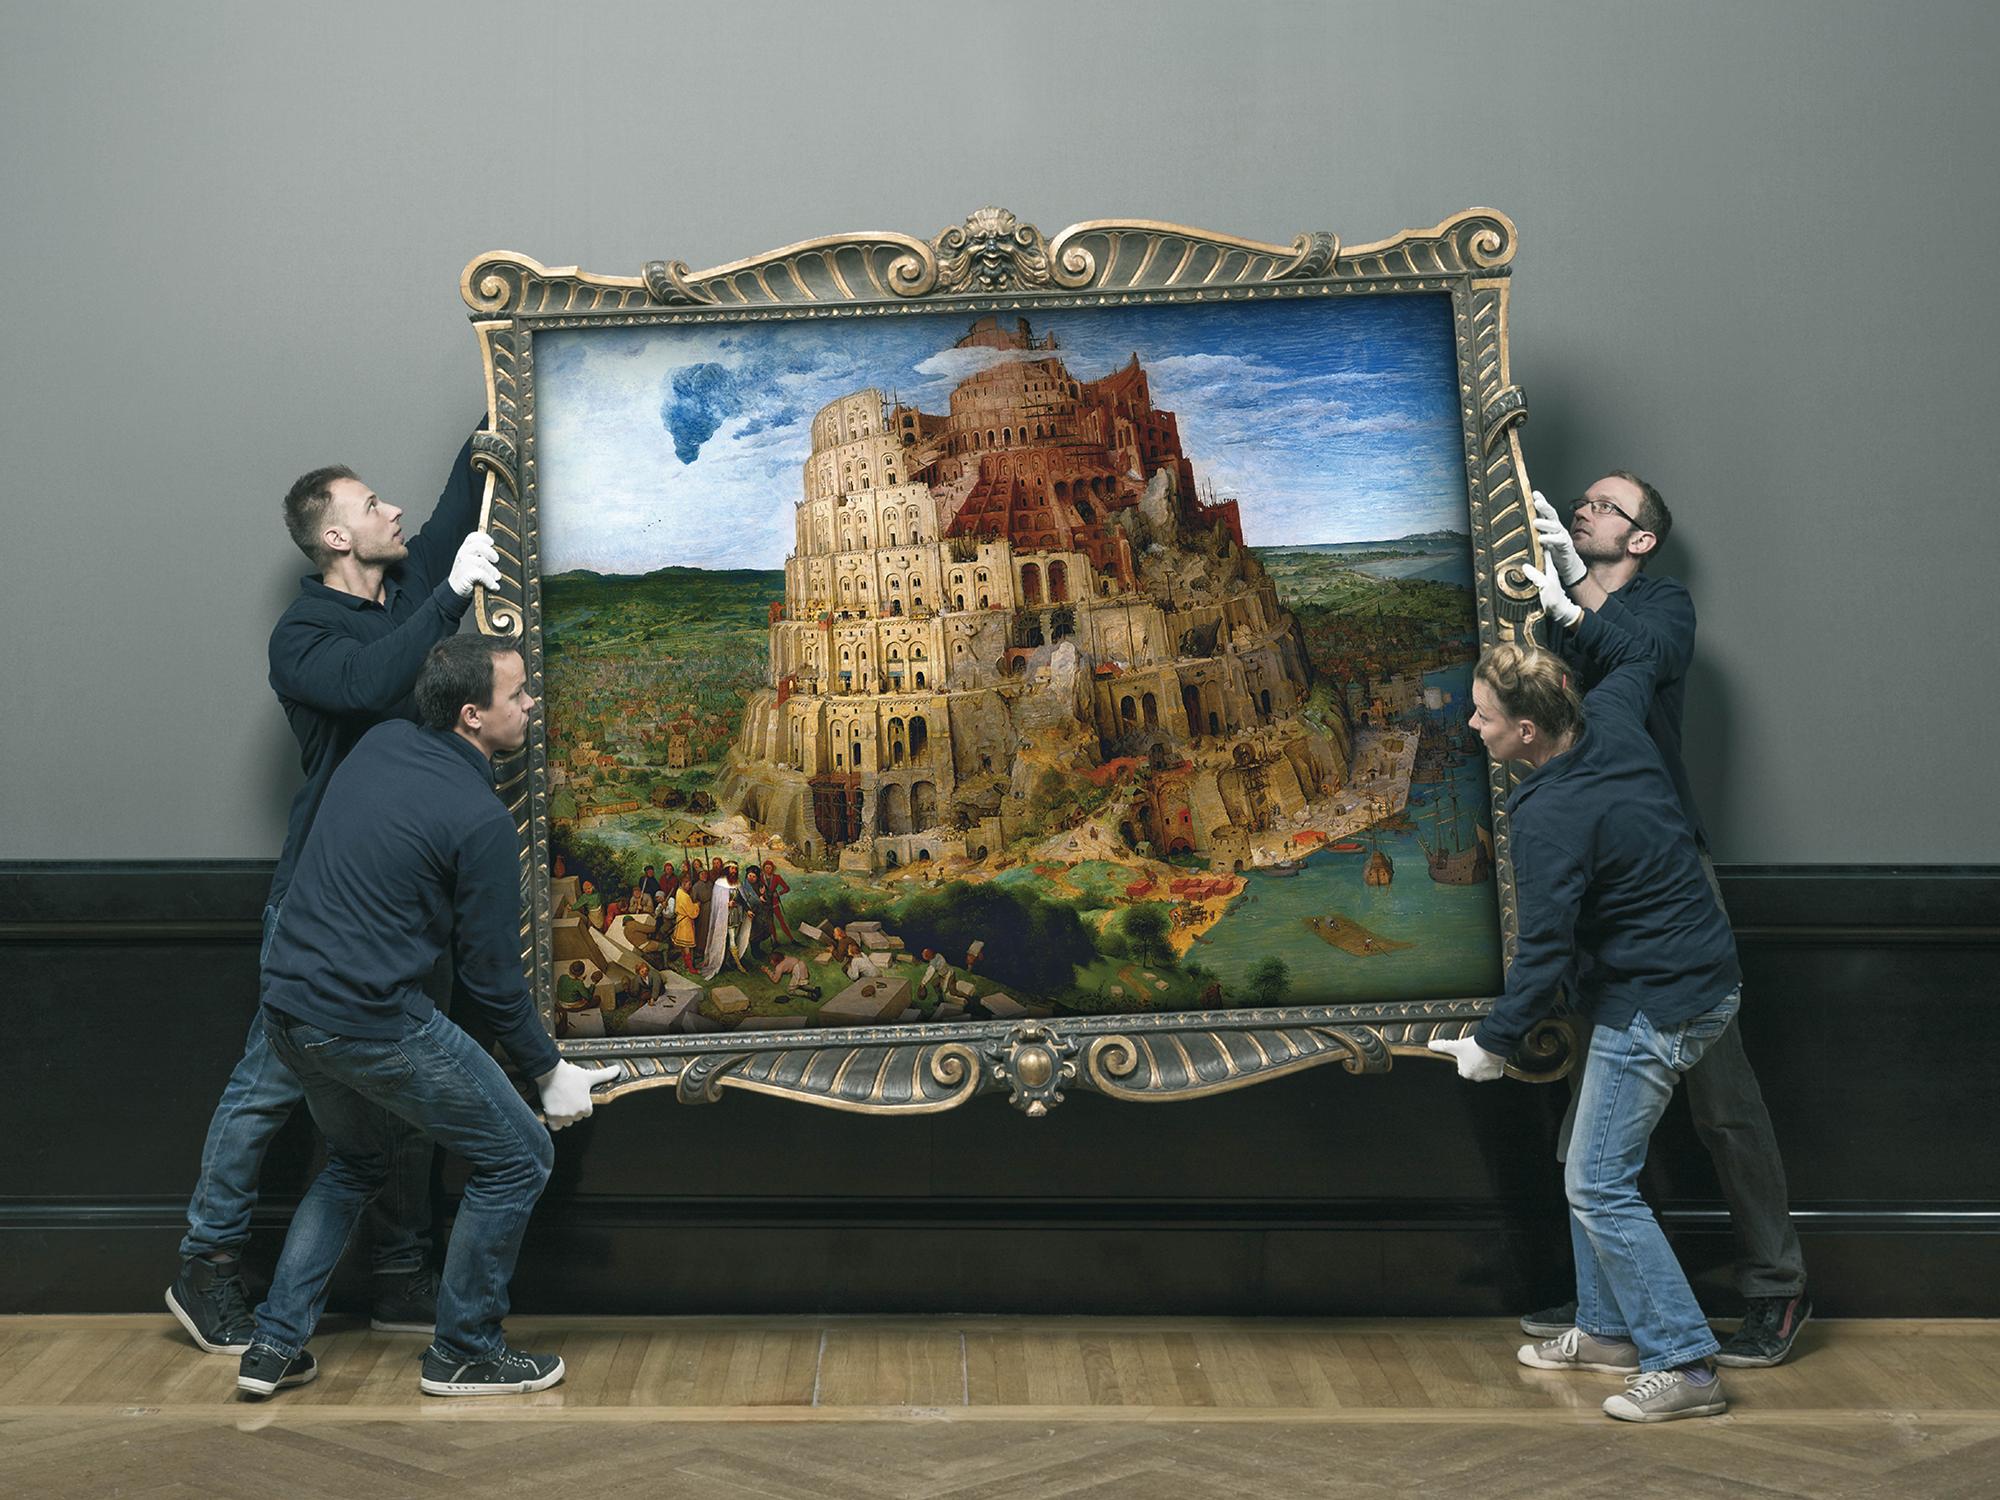 museodestacado